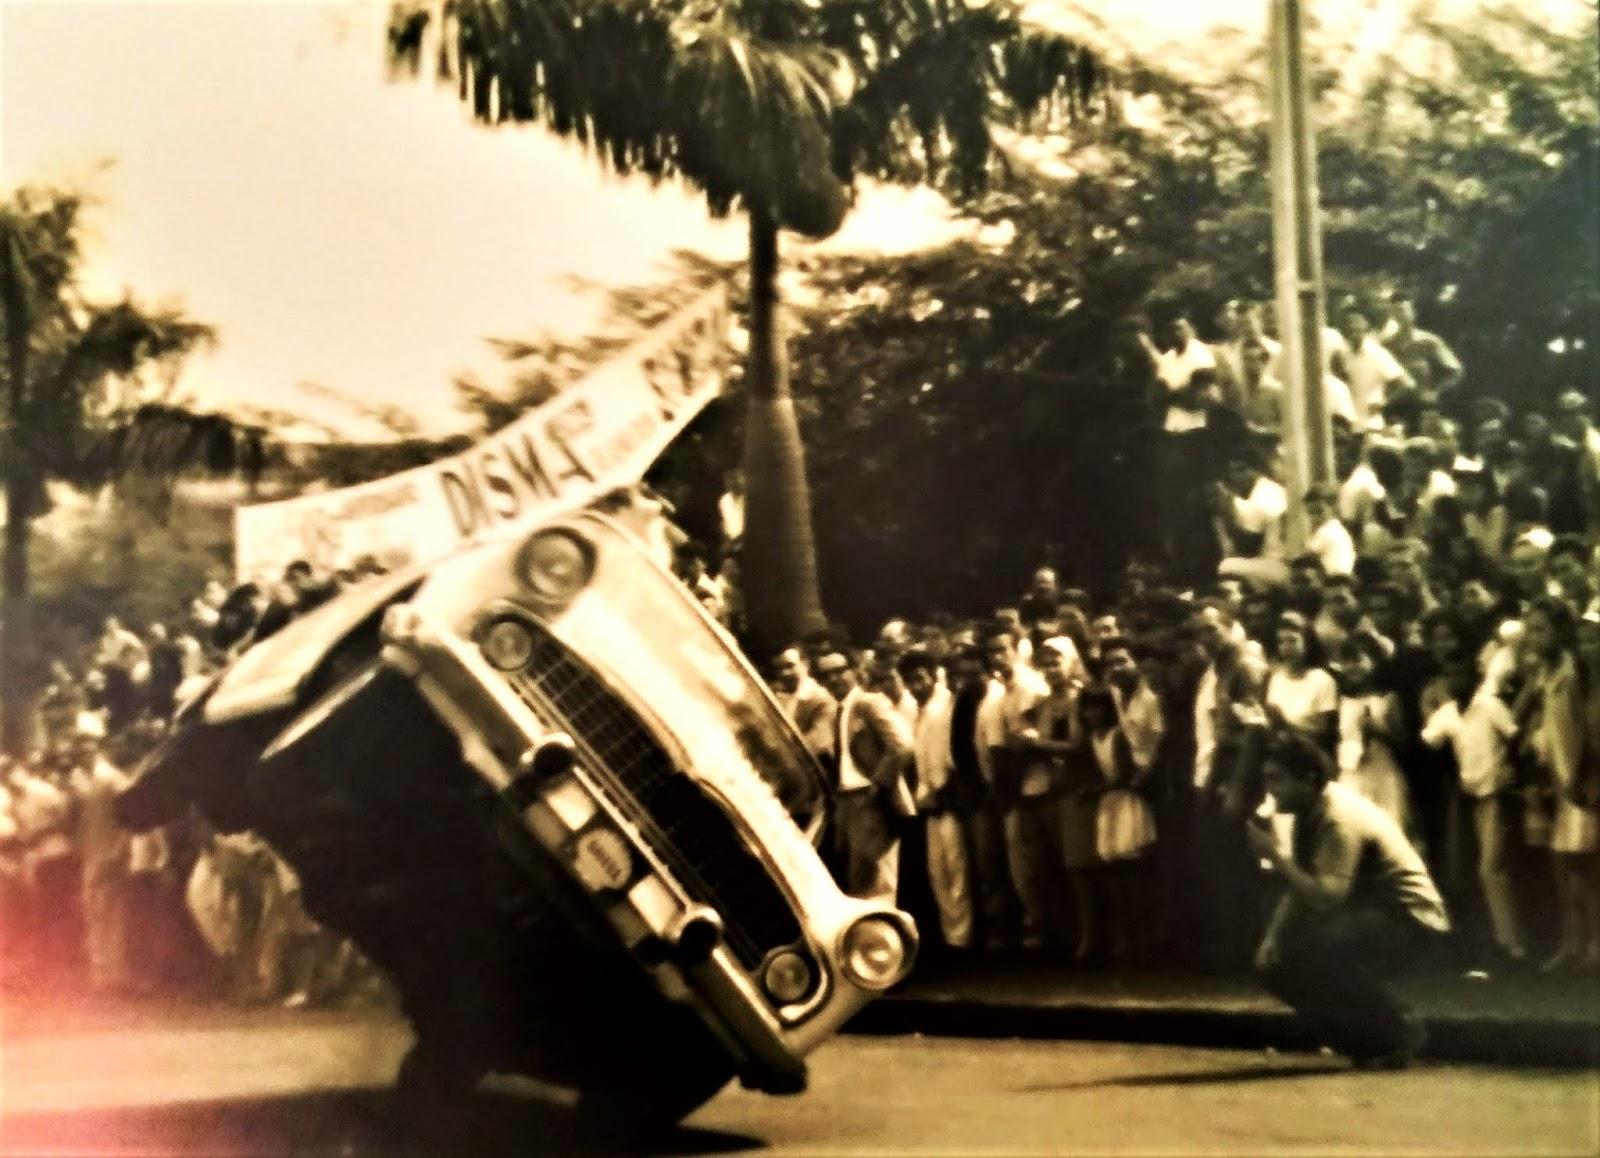 Simca radical - Década de 1960